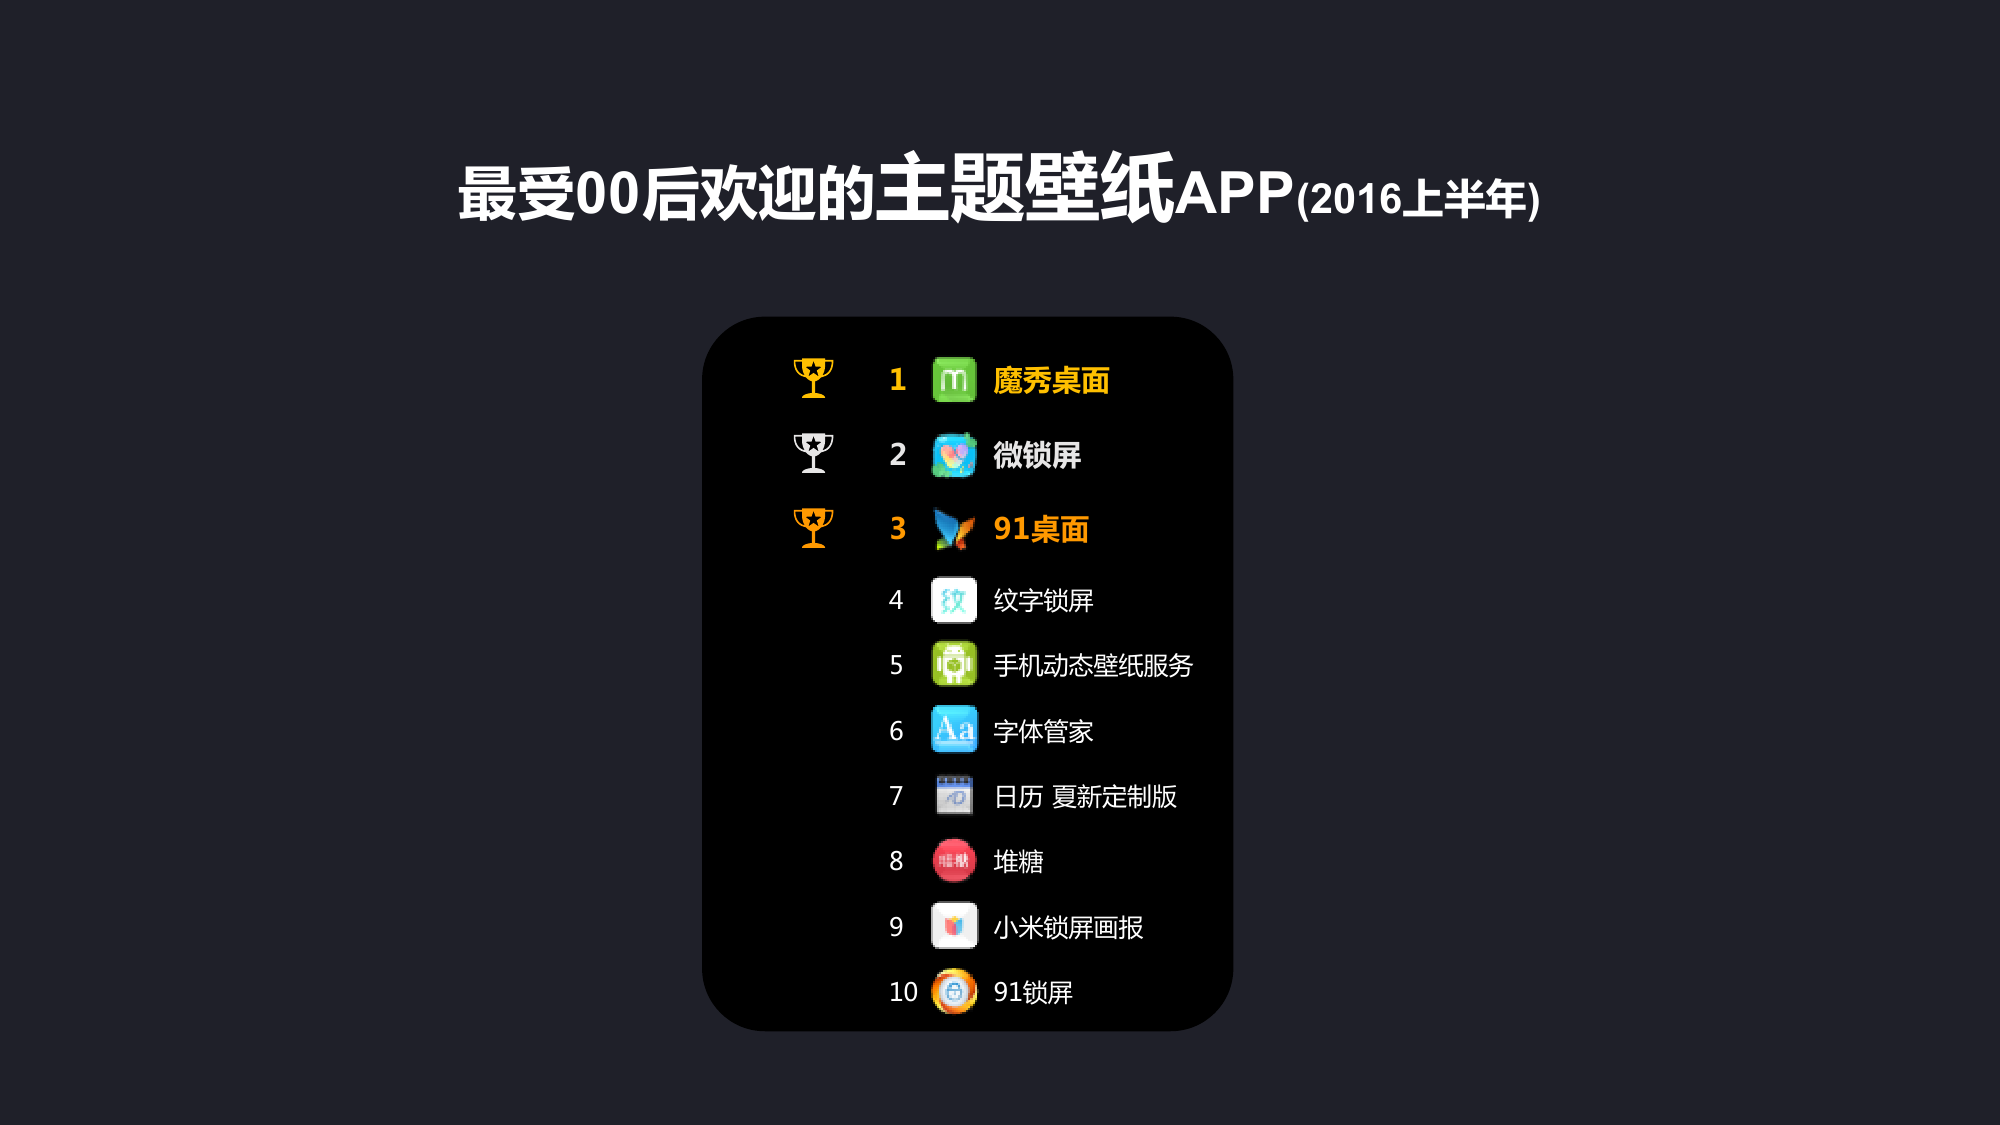 00后智能手机及APP使用习惯研究报告_000039